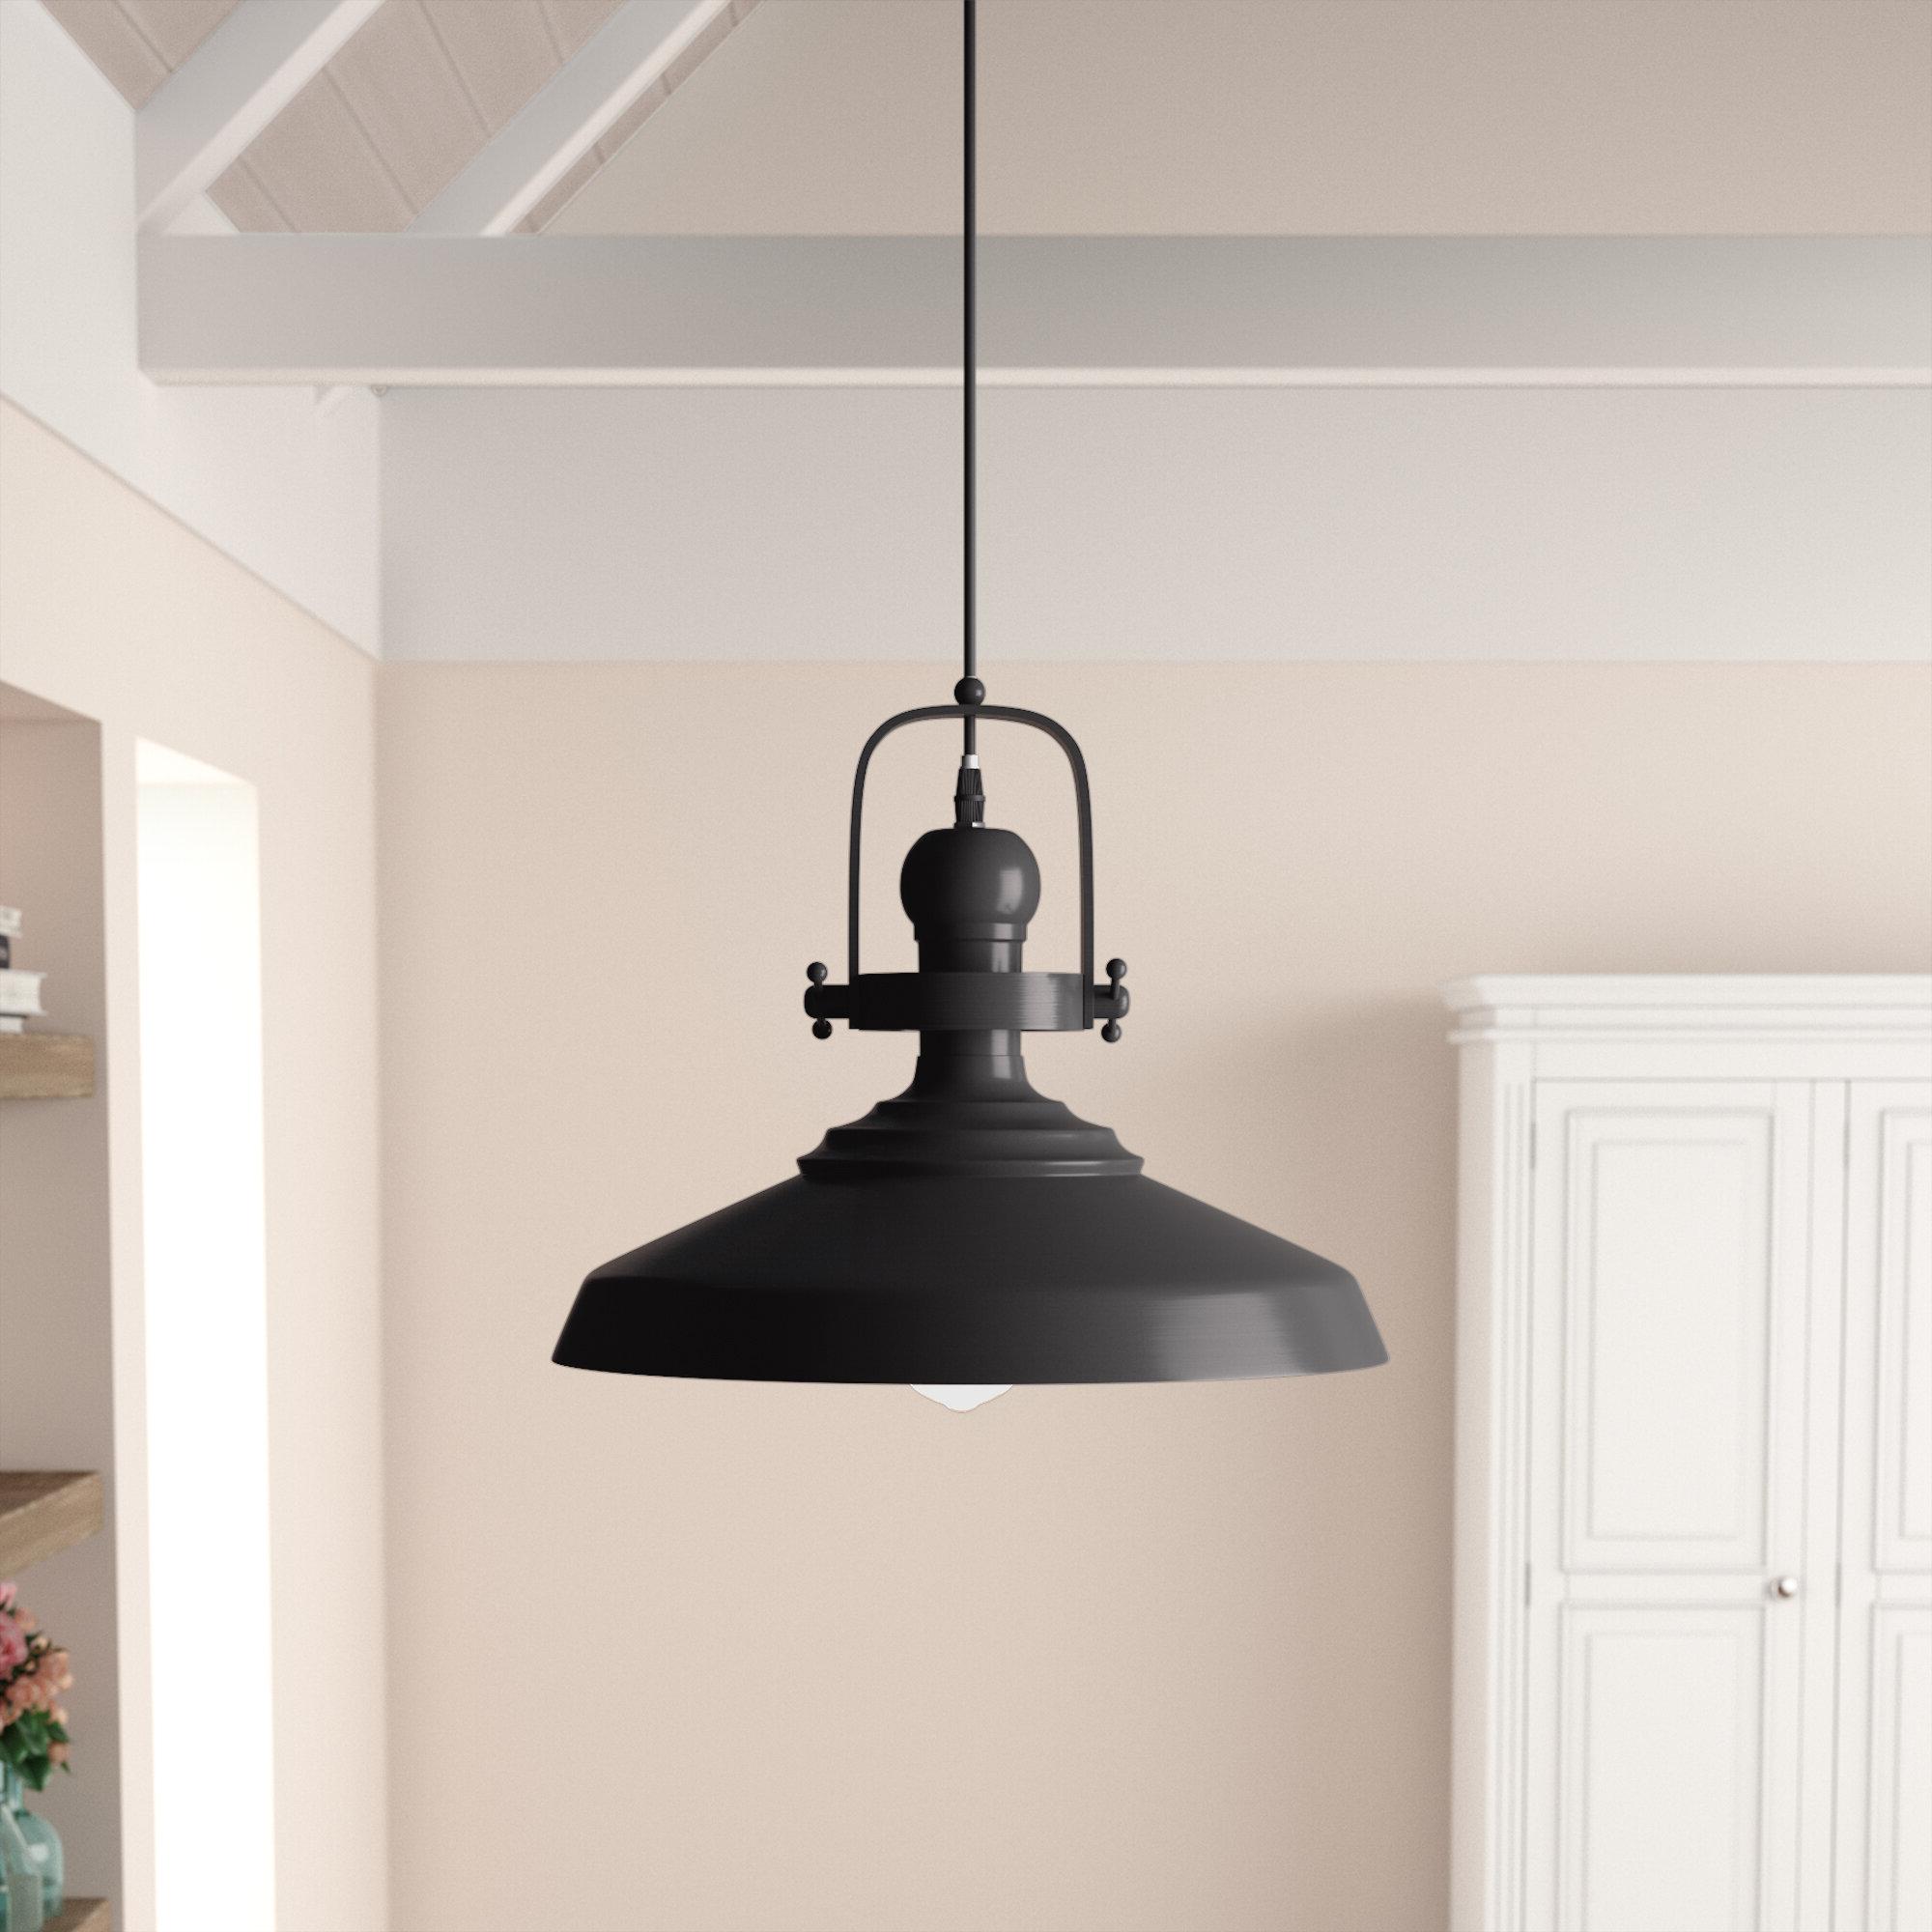 1 Light Single Dome Pendants With Recent Estelle 1 Light Single Dome Pendant (Gallery 14 of 25)